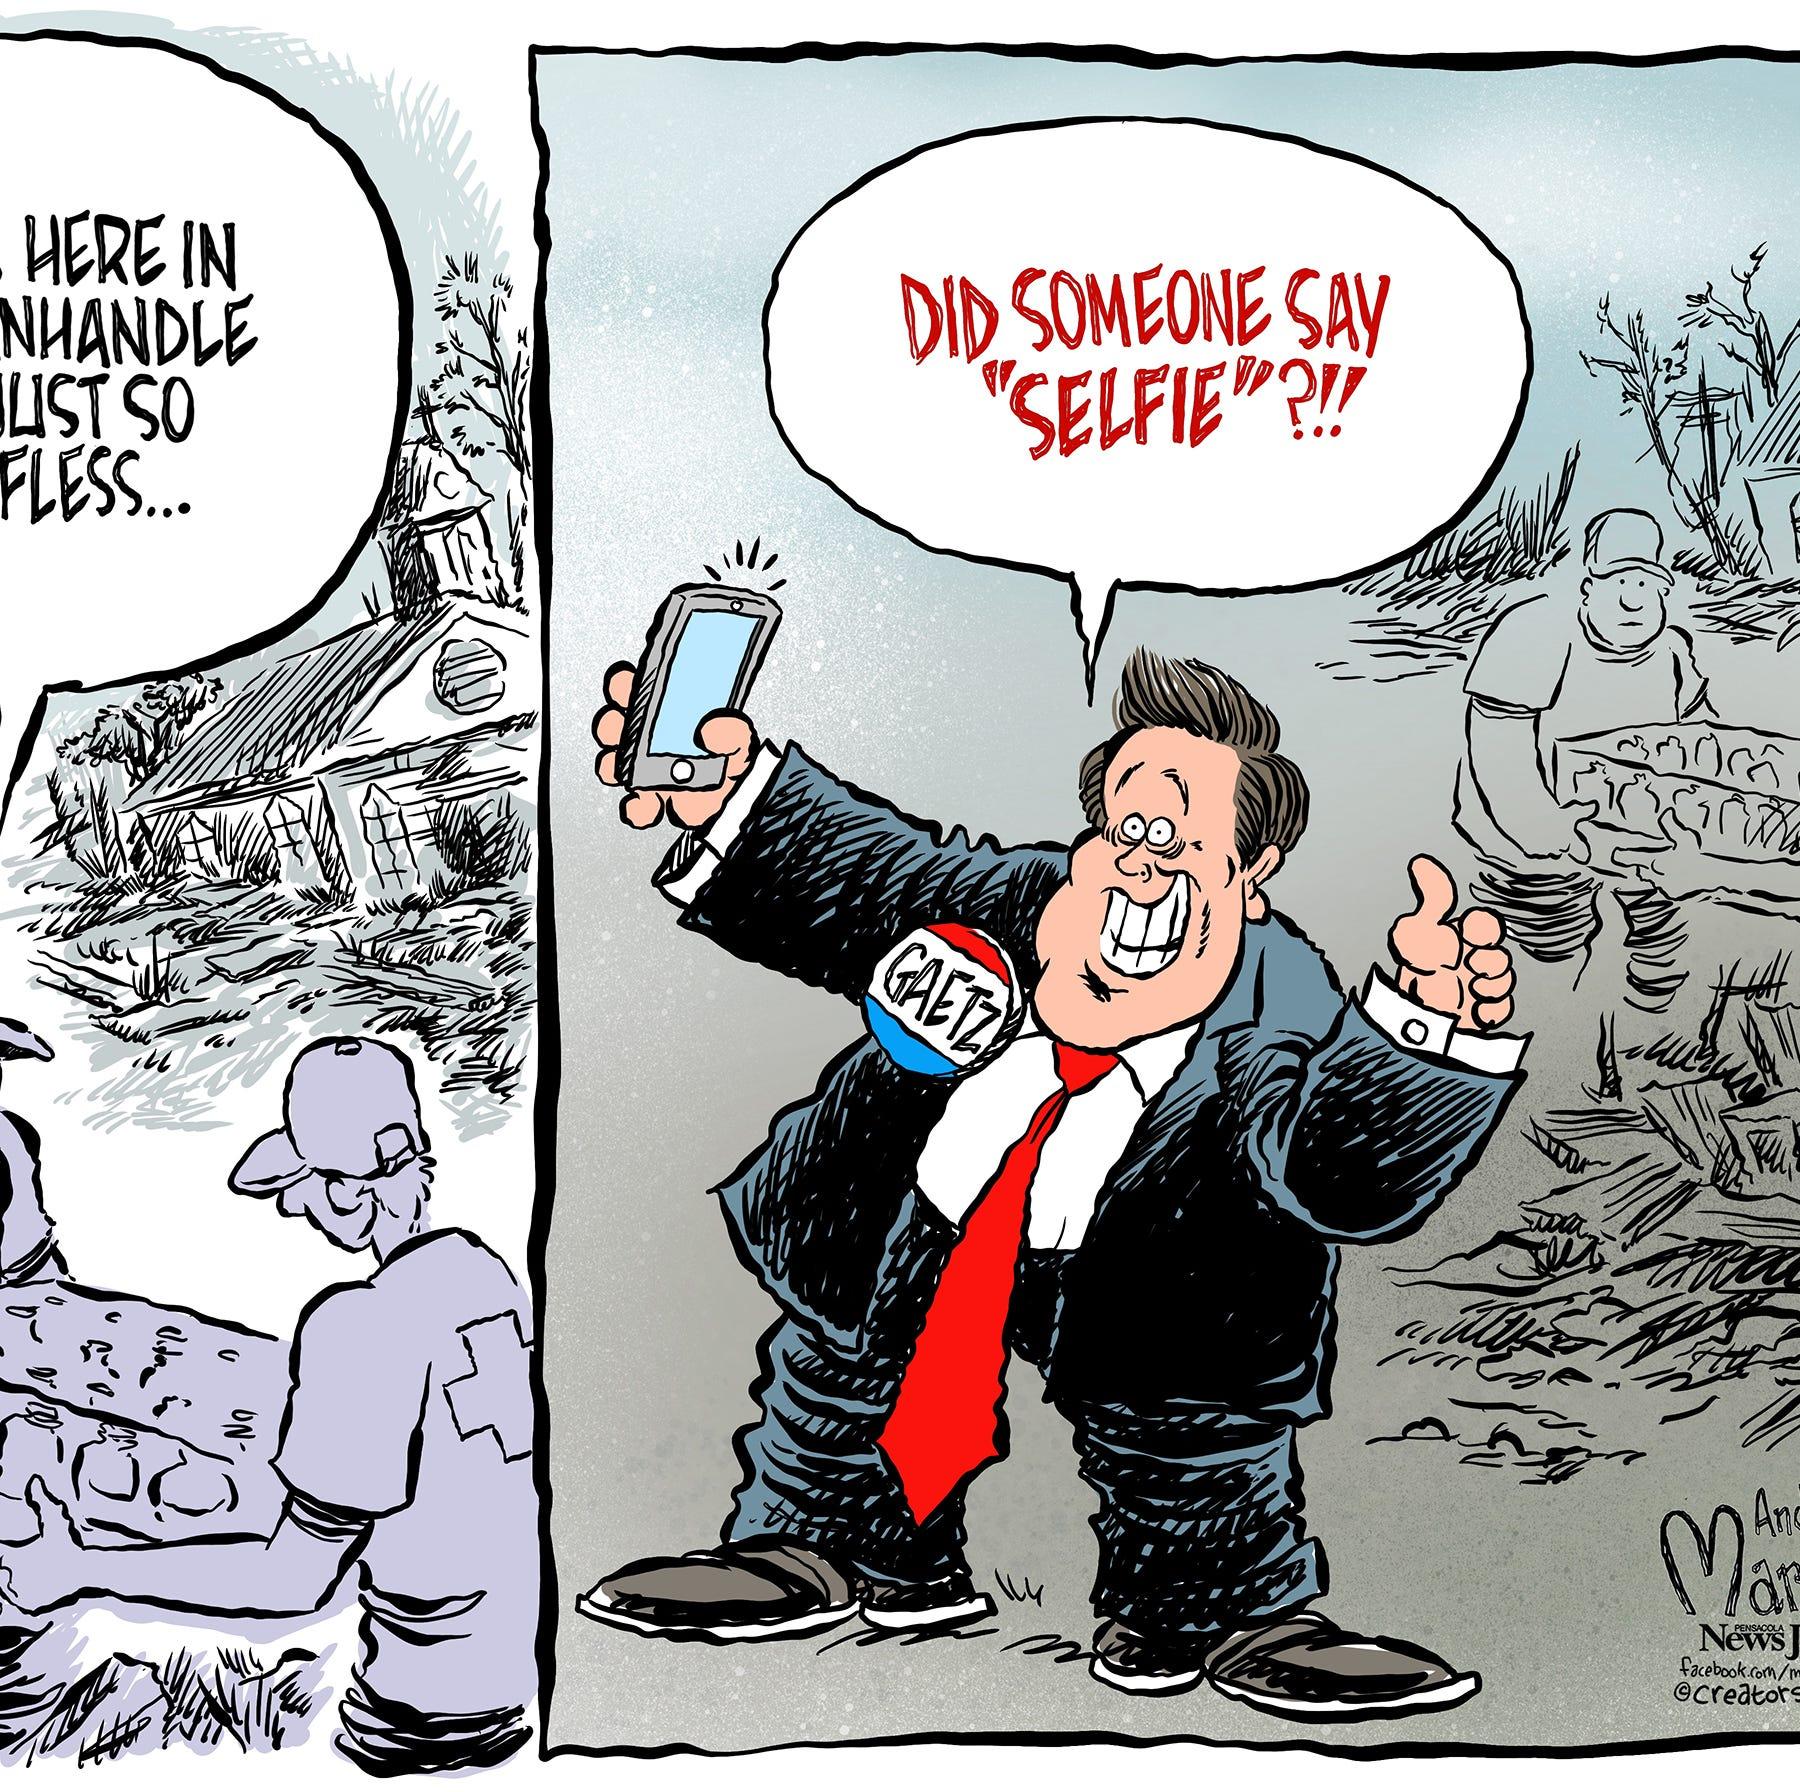 Marlette: When disaster strikes, seek food, water and... selfies?